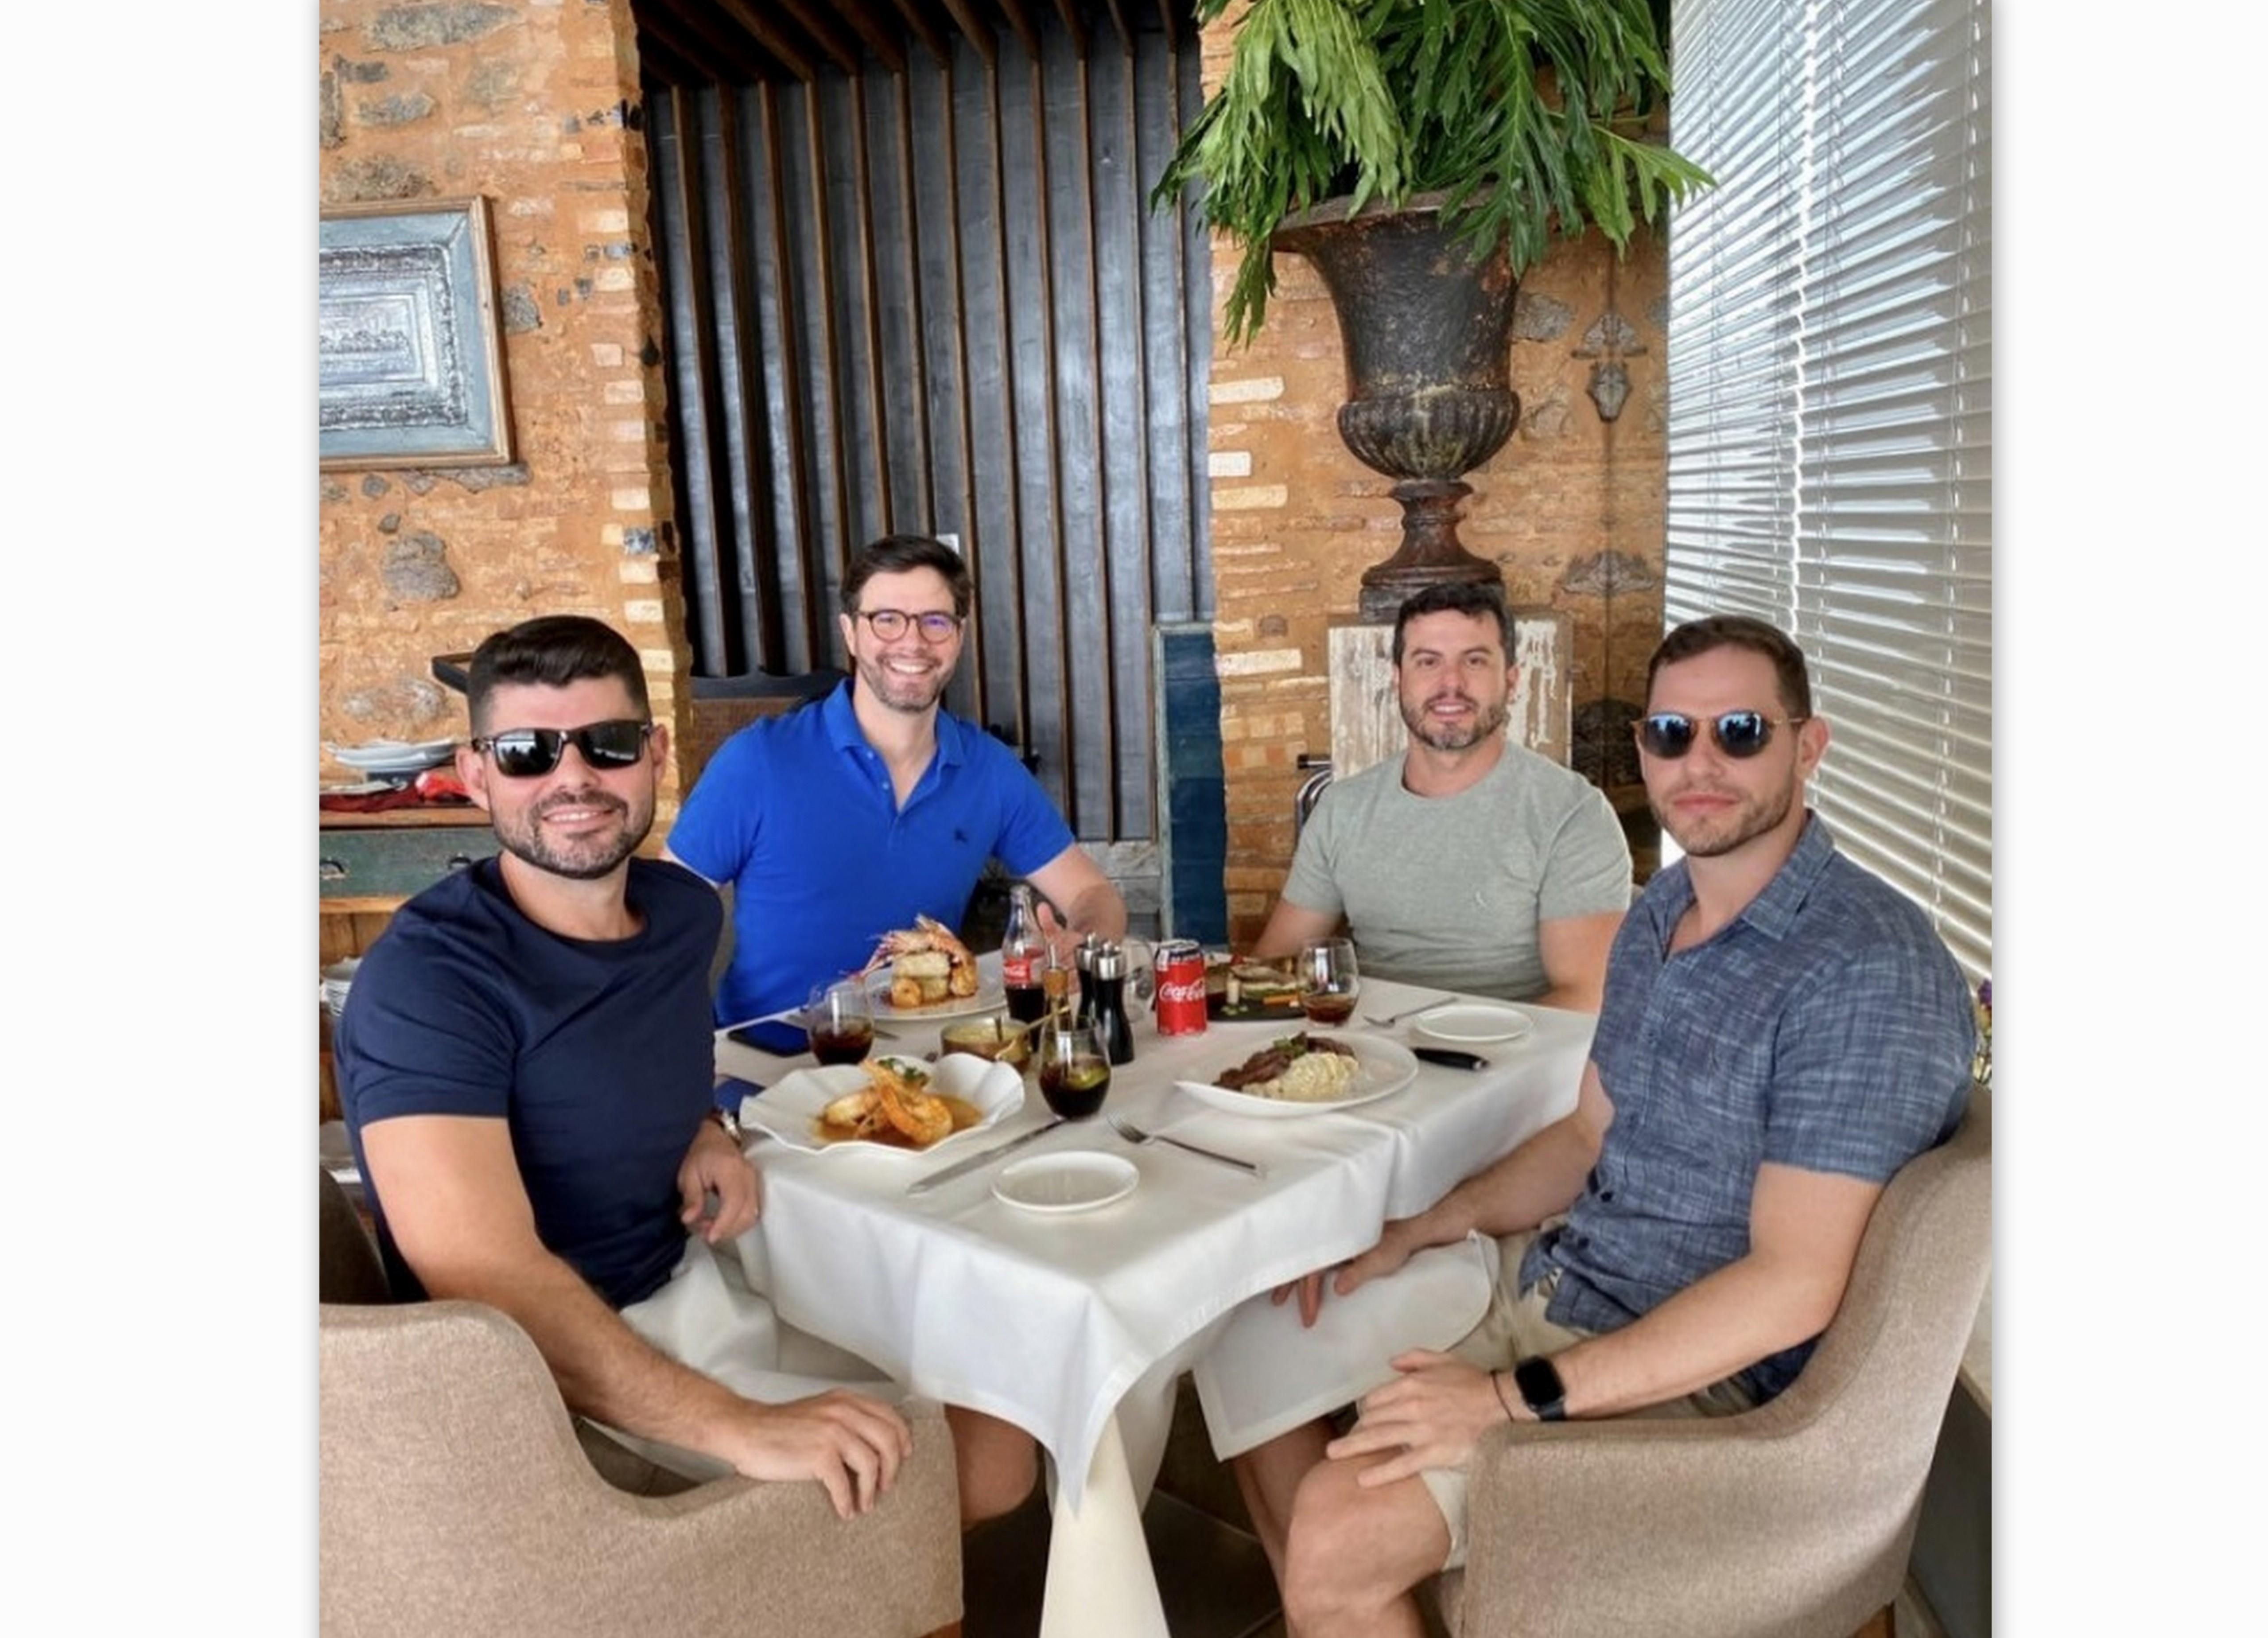 Rafael Lomes, Rodrigo Guedes, Fábio Nunes e Valmir Jr., no Restaurante Mistura.